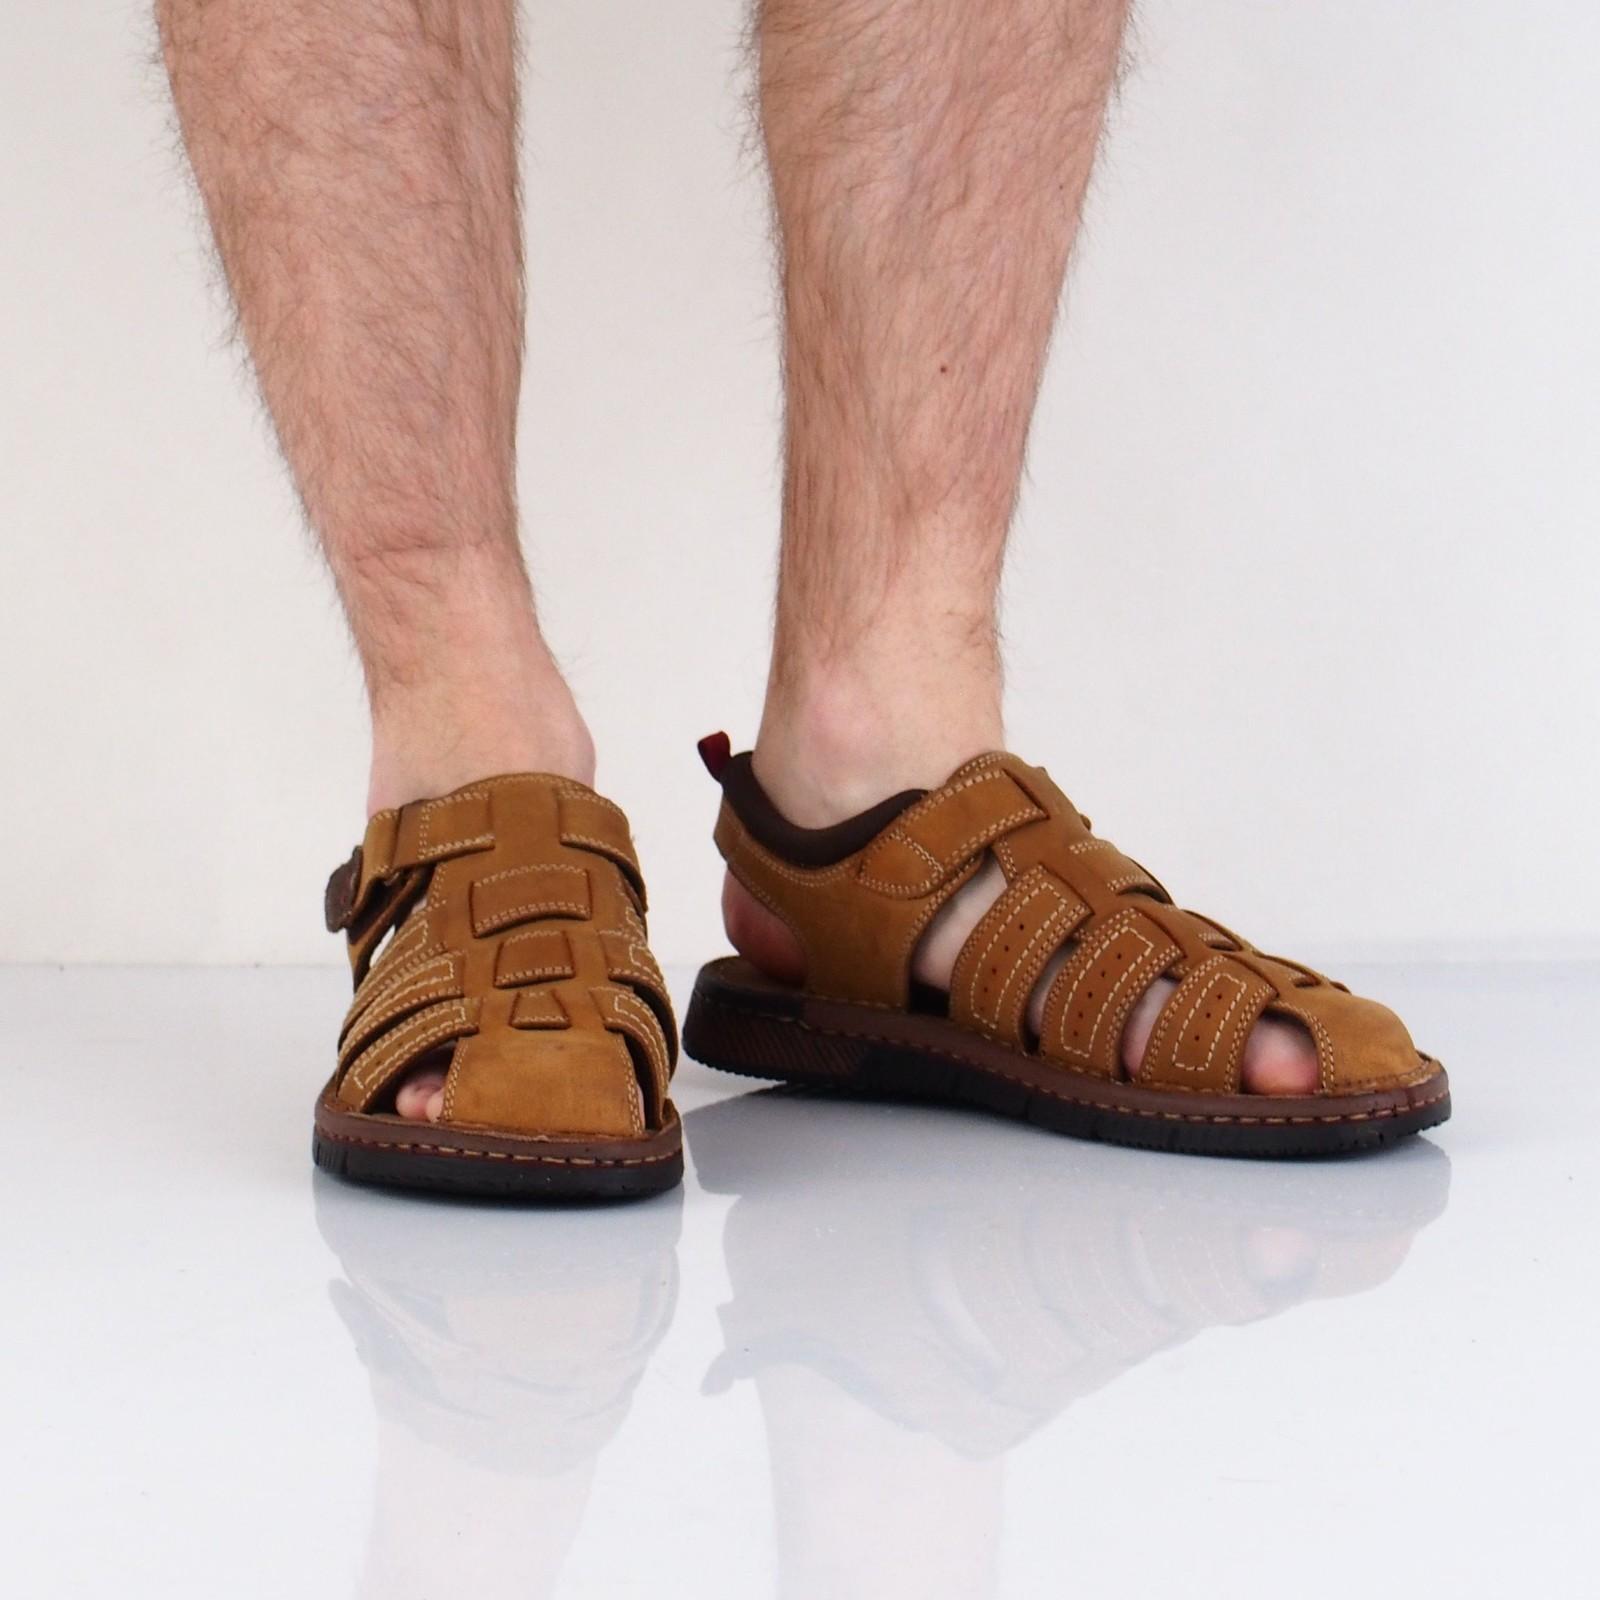 Klondike pánské nubukové sandály - béžové